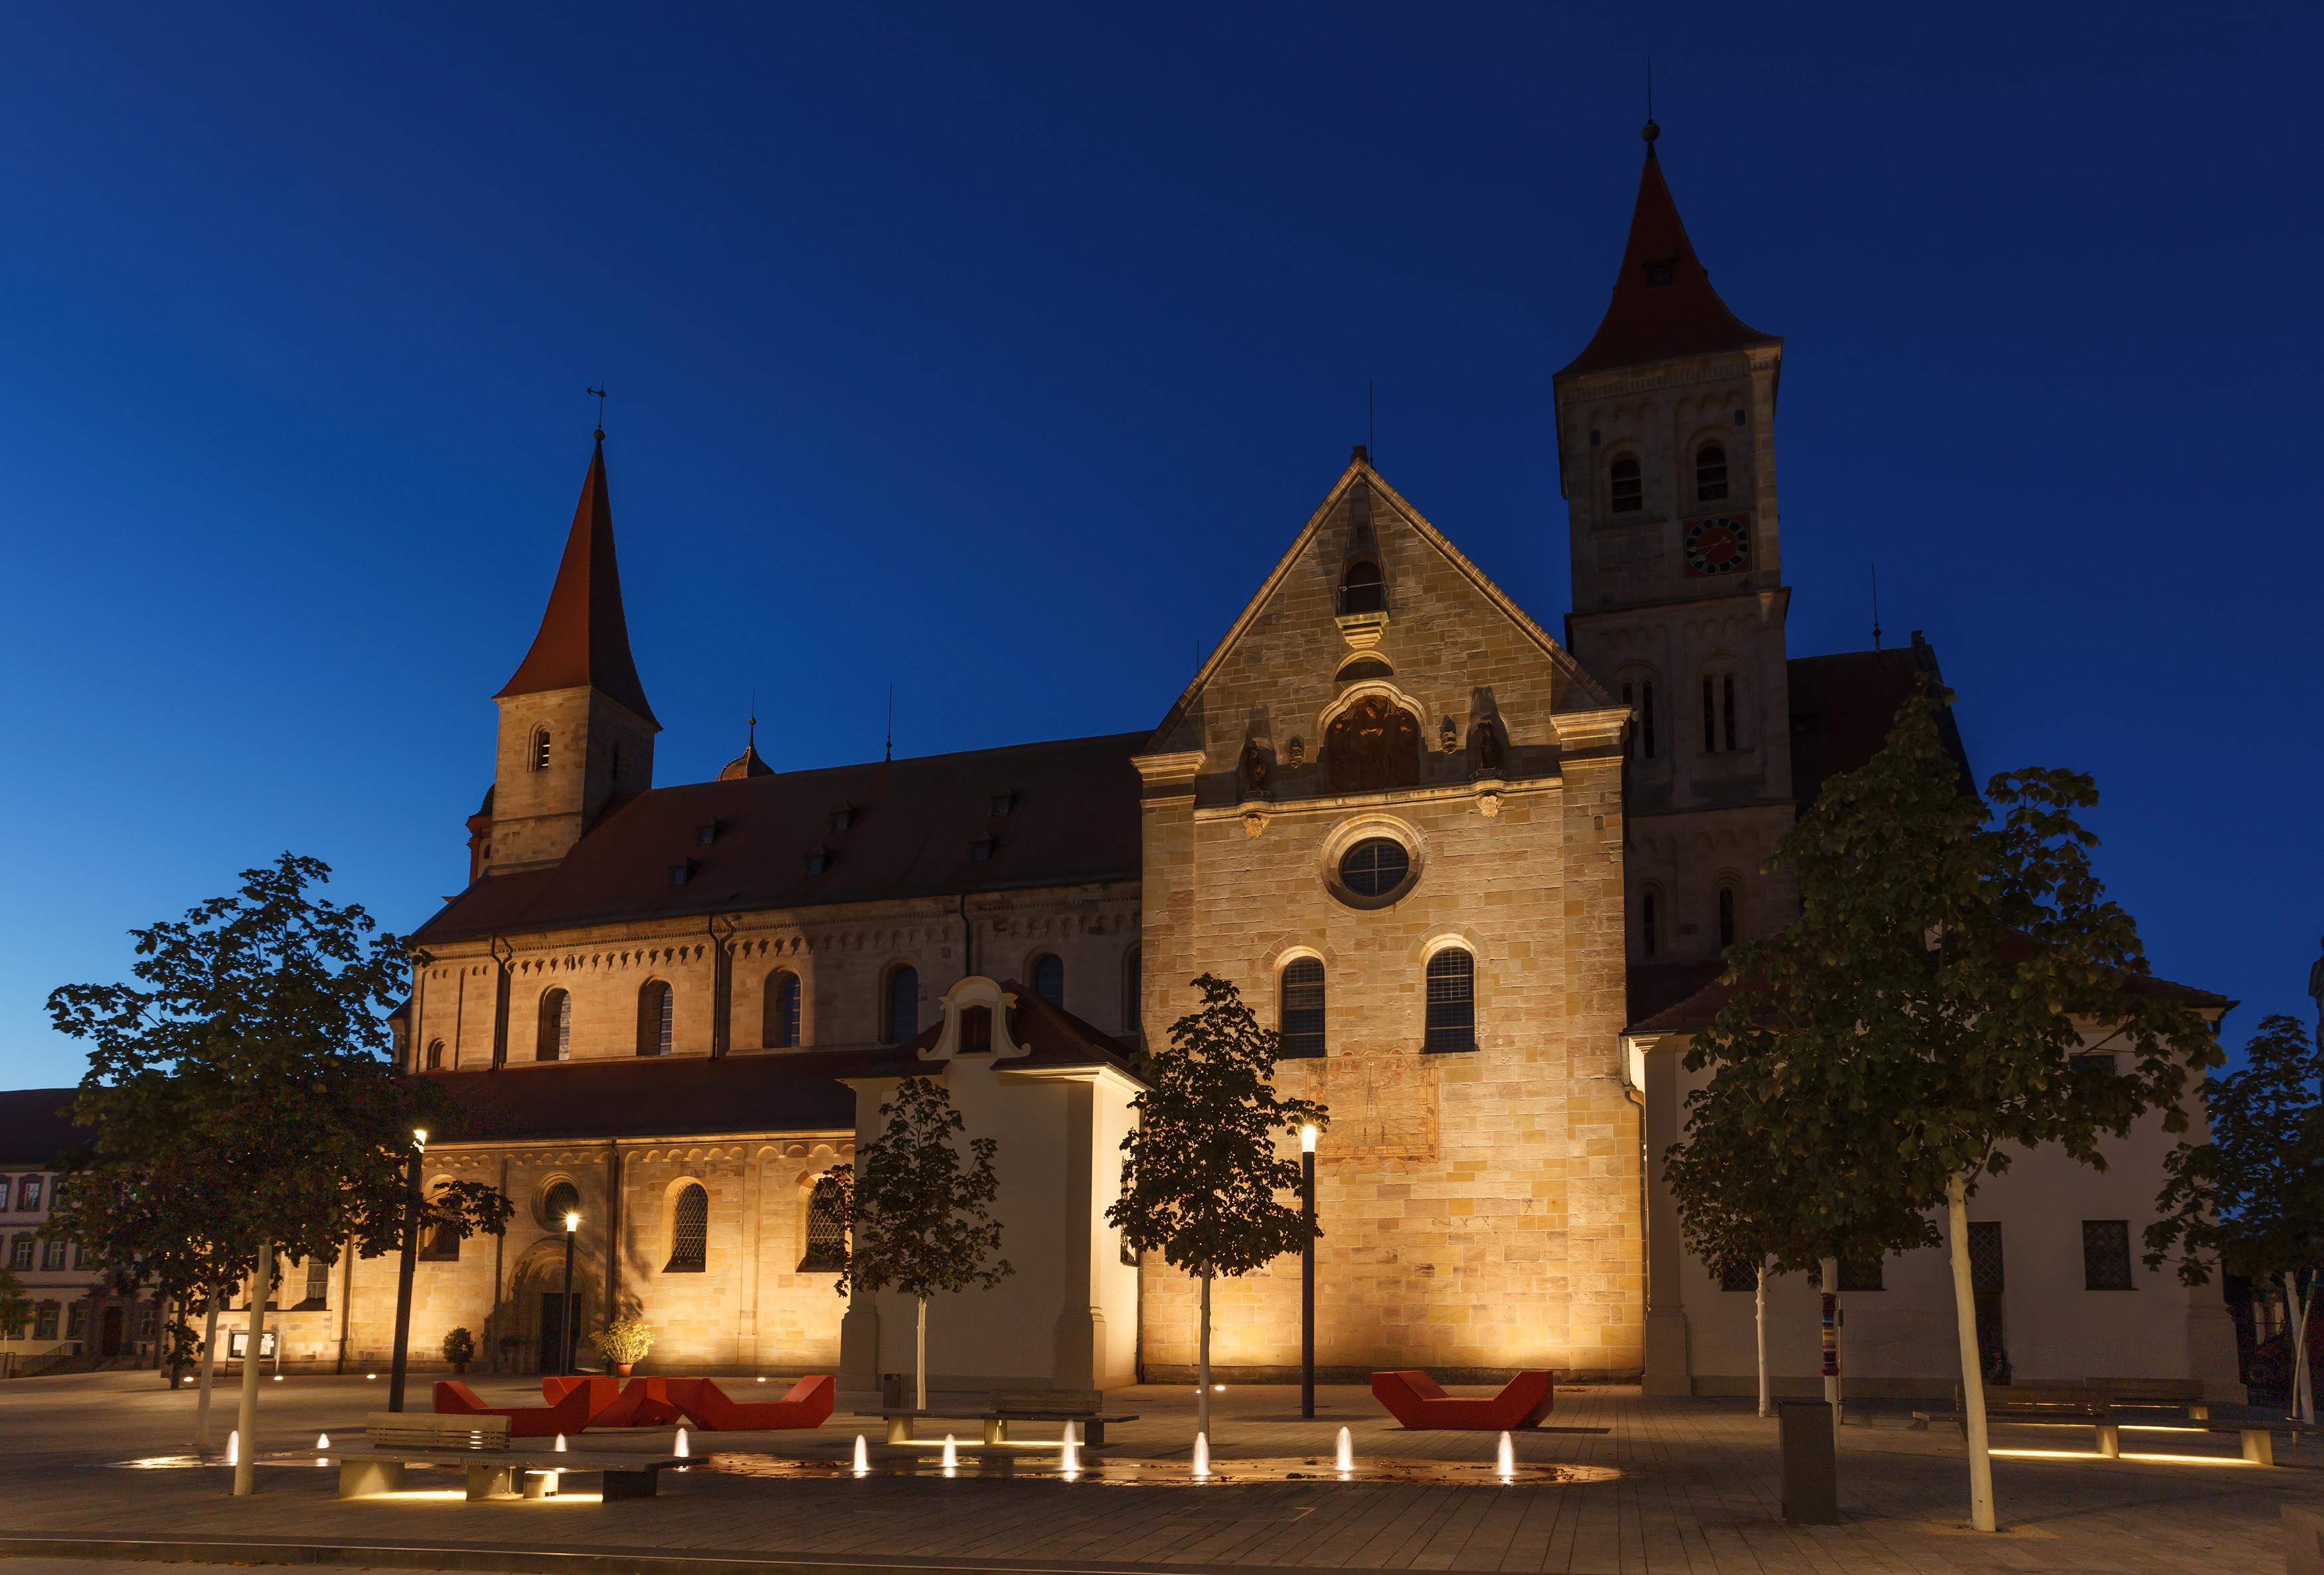 Basilika: hl. Messe @ Bitte um Anmeldung im Pfarrbüro